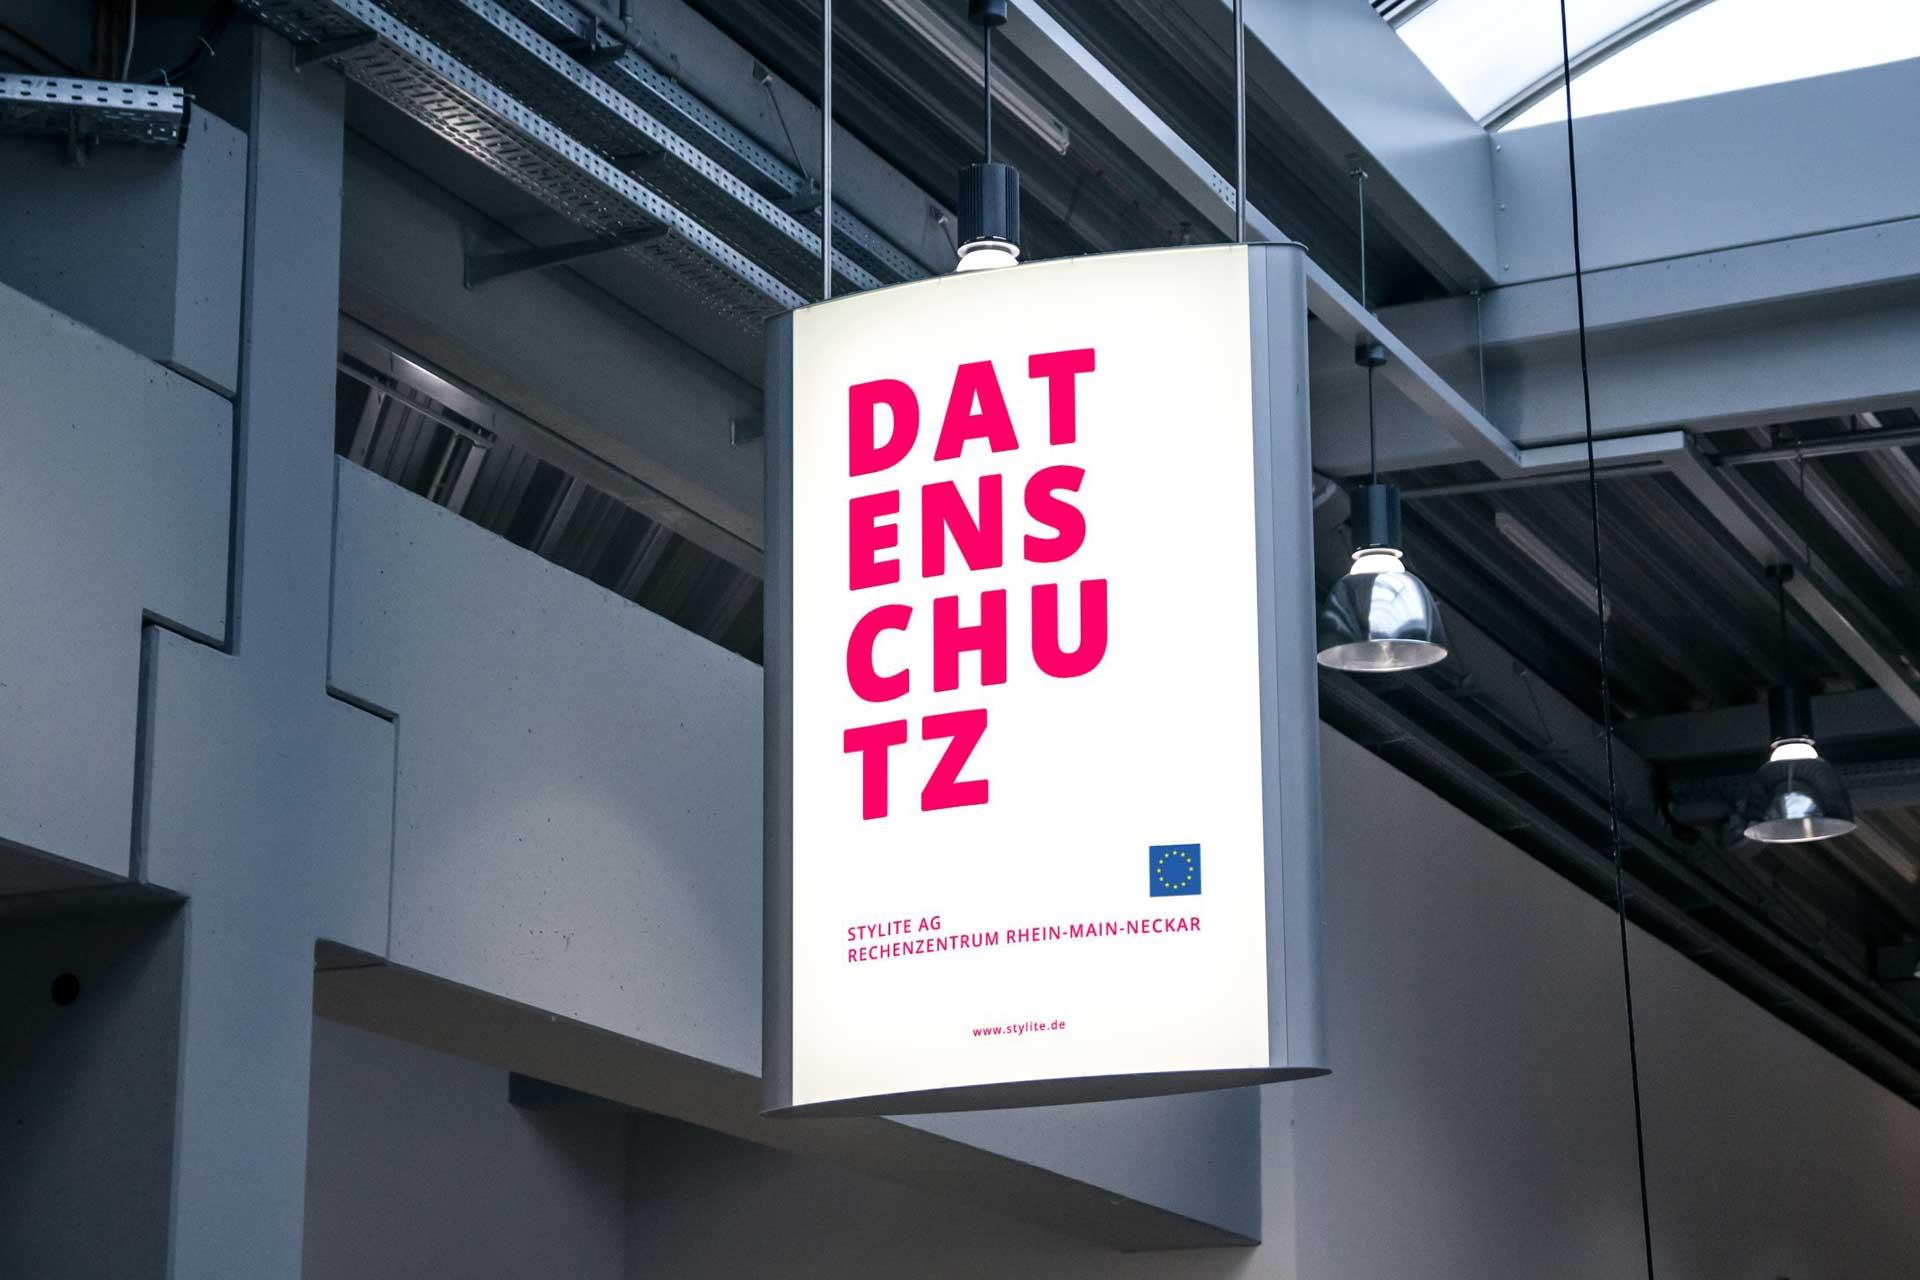 Stylite AG Rechenzentrum Mainz poster Datenschutz EU